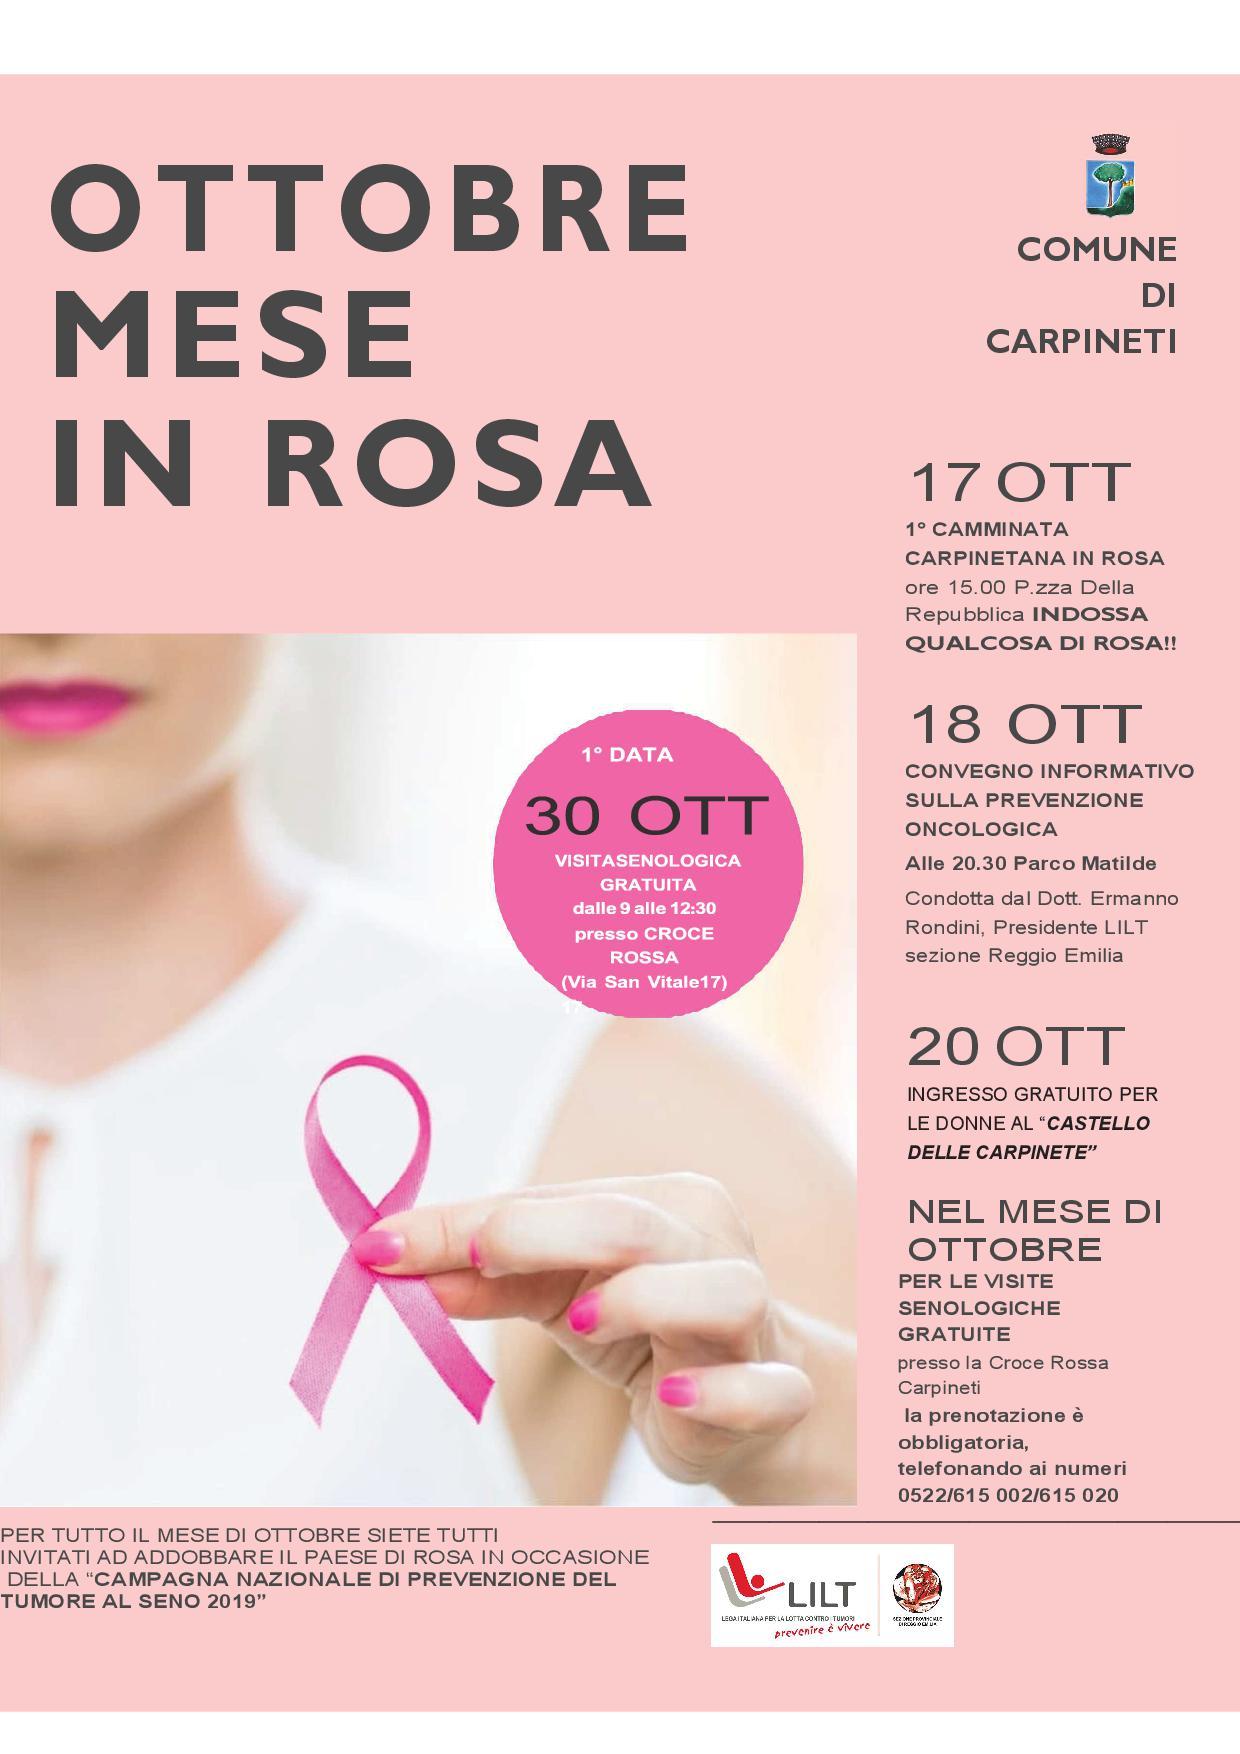 Locandina Ottobre - Mese in Rosa OK 3-10-19